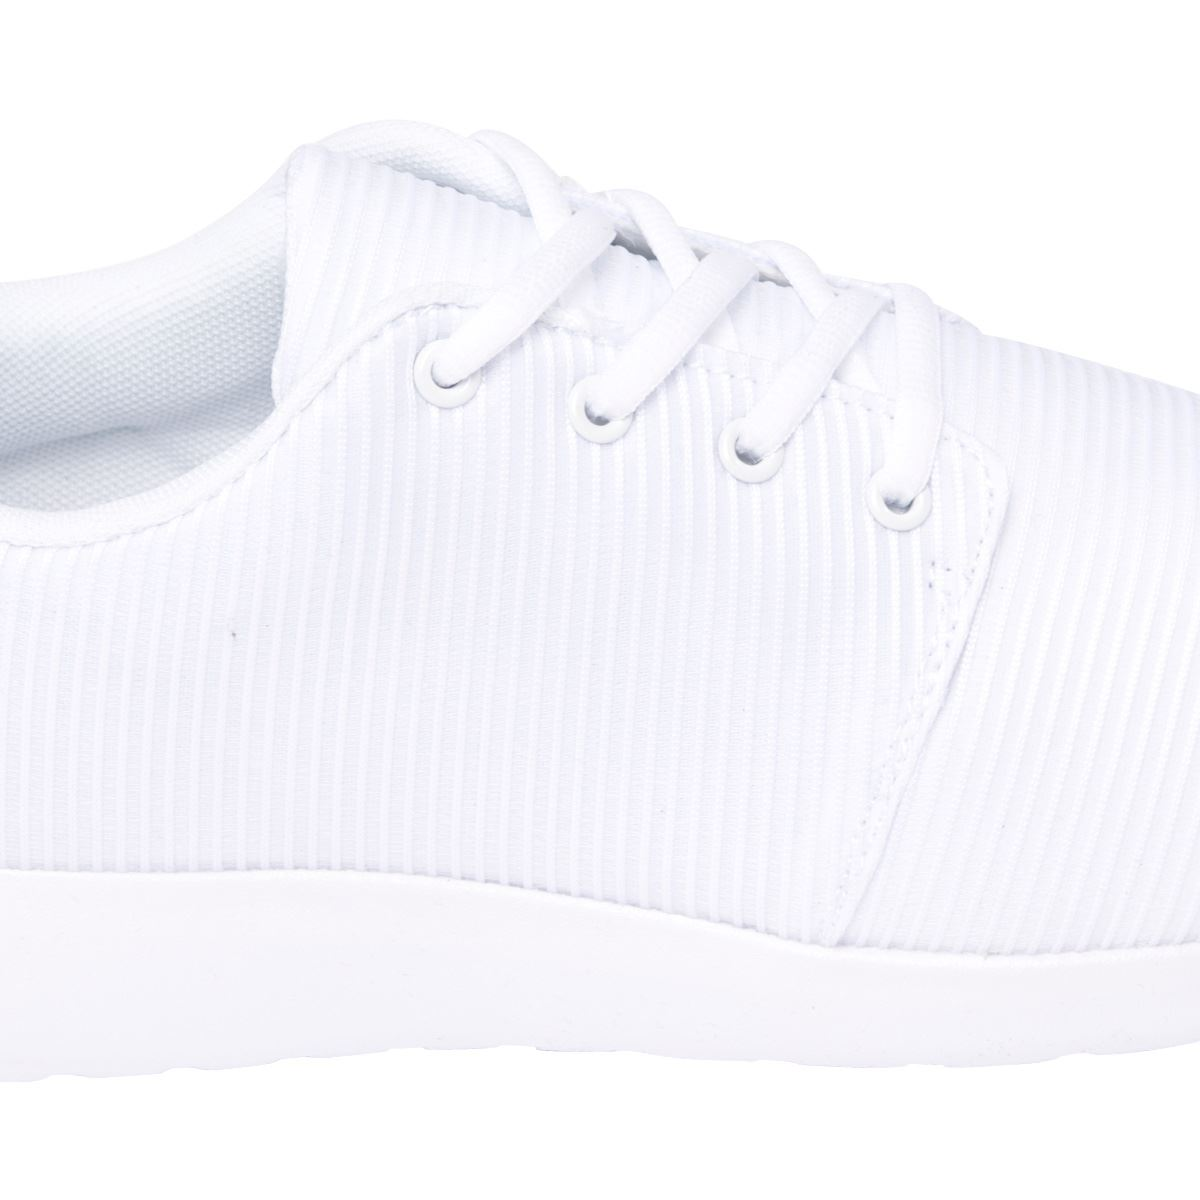 Loyalty & Faith Para Hombre Calzado con Cordones Tenis Zapatos tenis informales de rayas